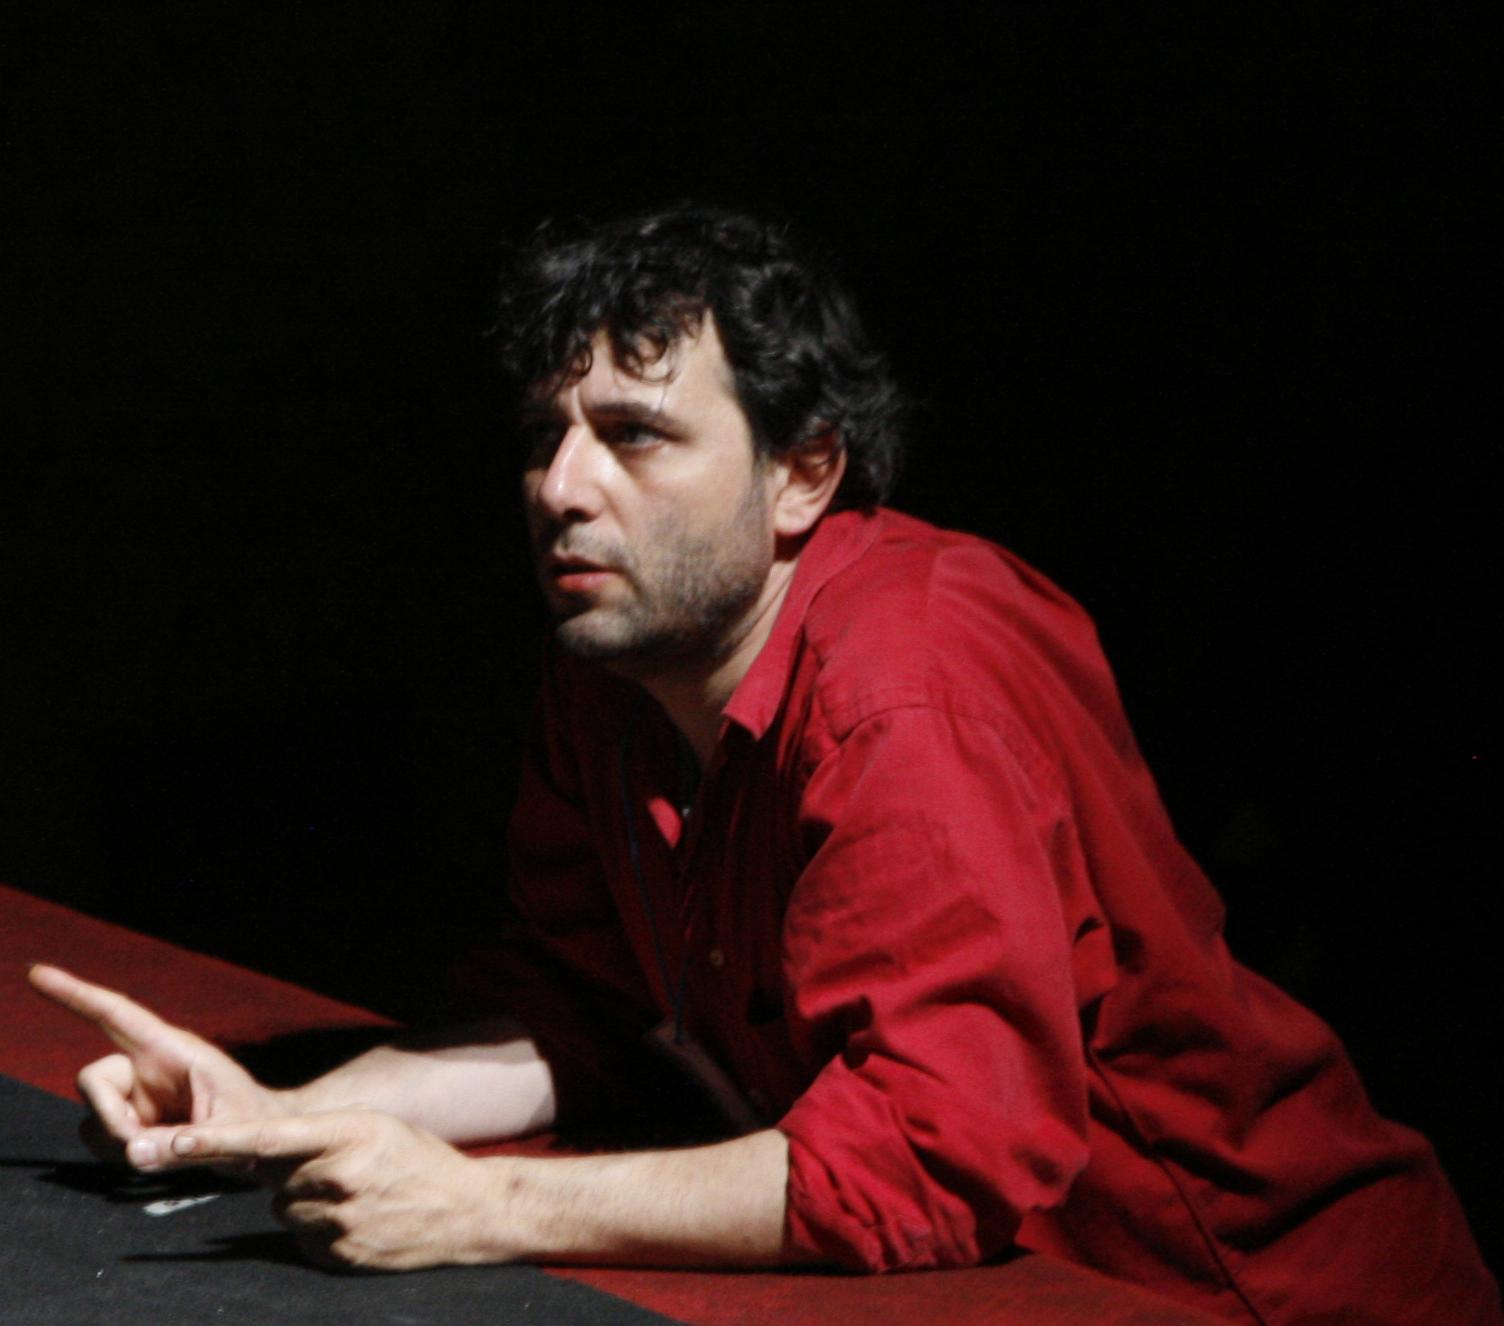 Francesco Calcagnini